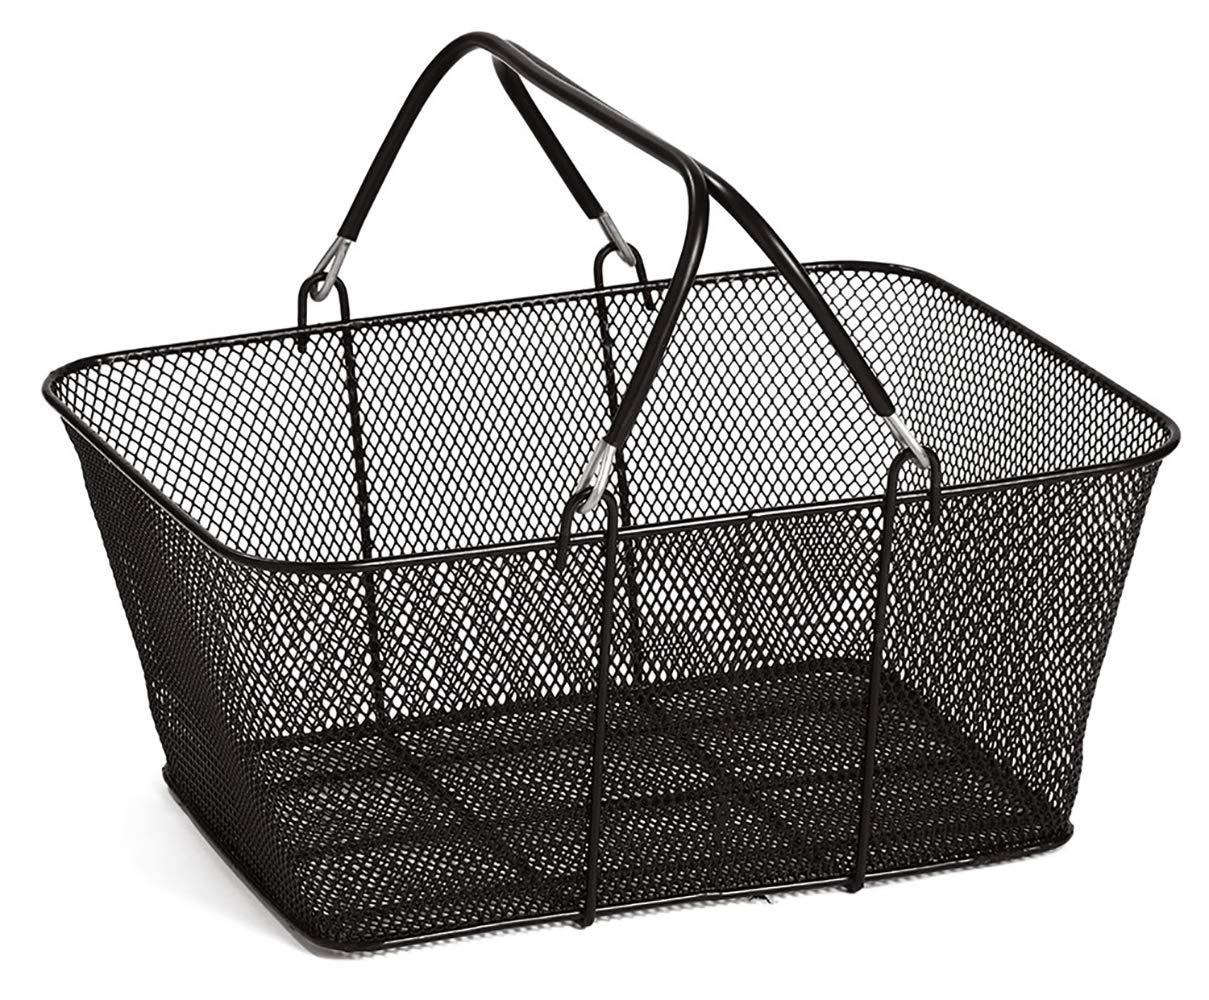 Black Metal Shopping Basket